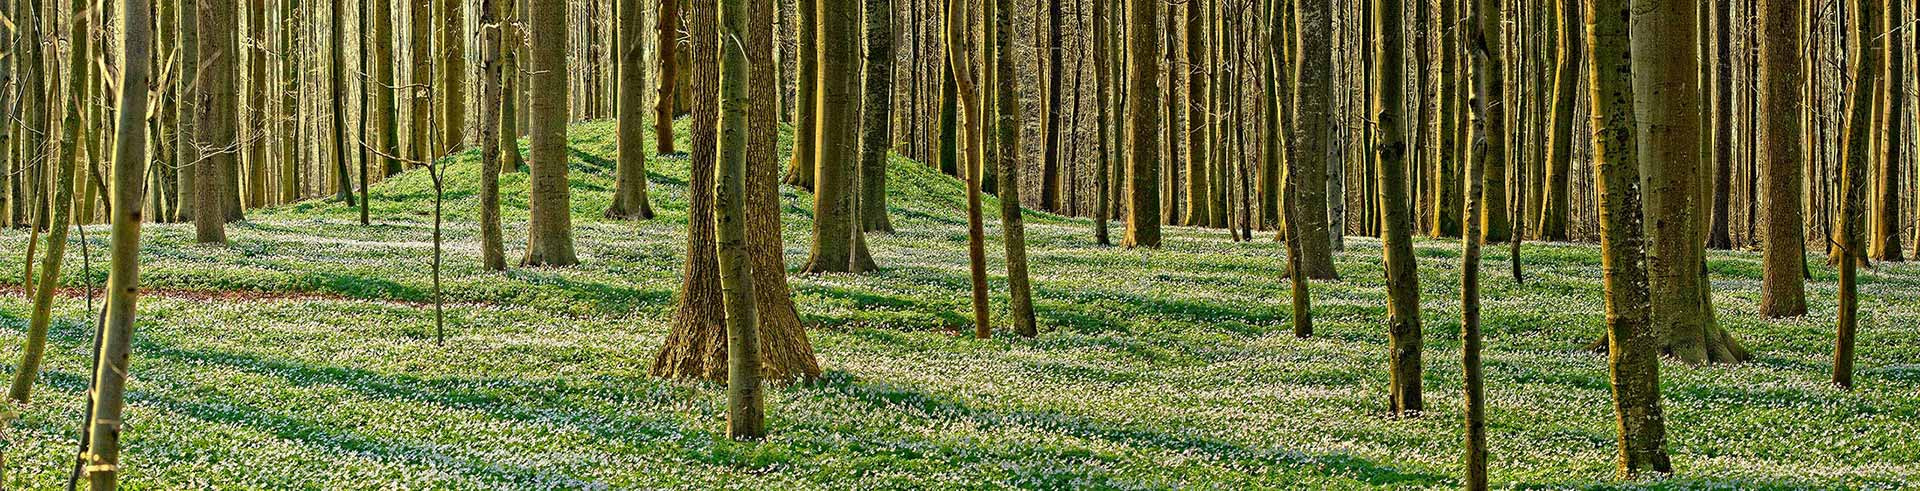 Hügelgrab und Anemonenblüte im Begräbniswald- Ein Wald ist ein schöner Platz für die letzte Ruhe